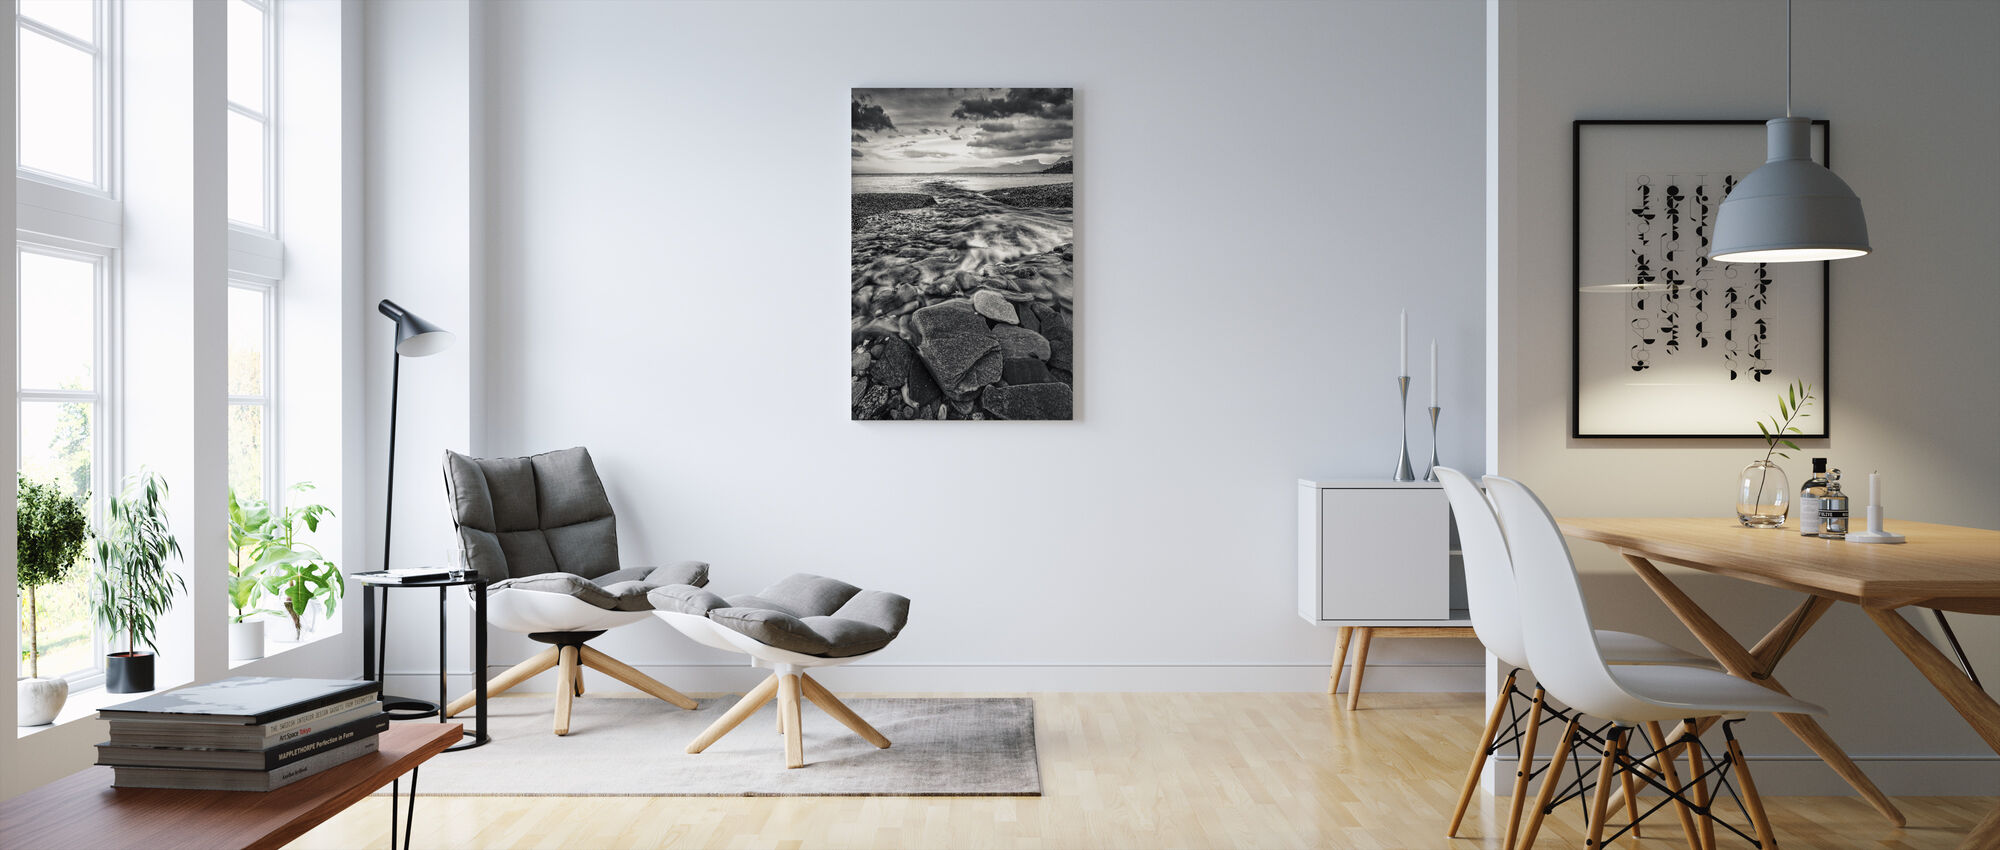 Torneträsk, Lappi - Ruotsi - Canvastaulu - Olohuone